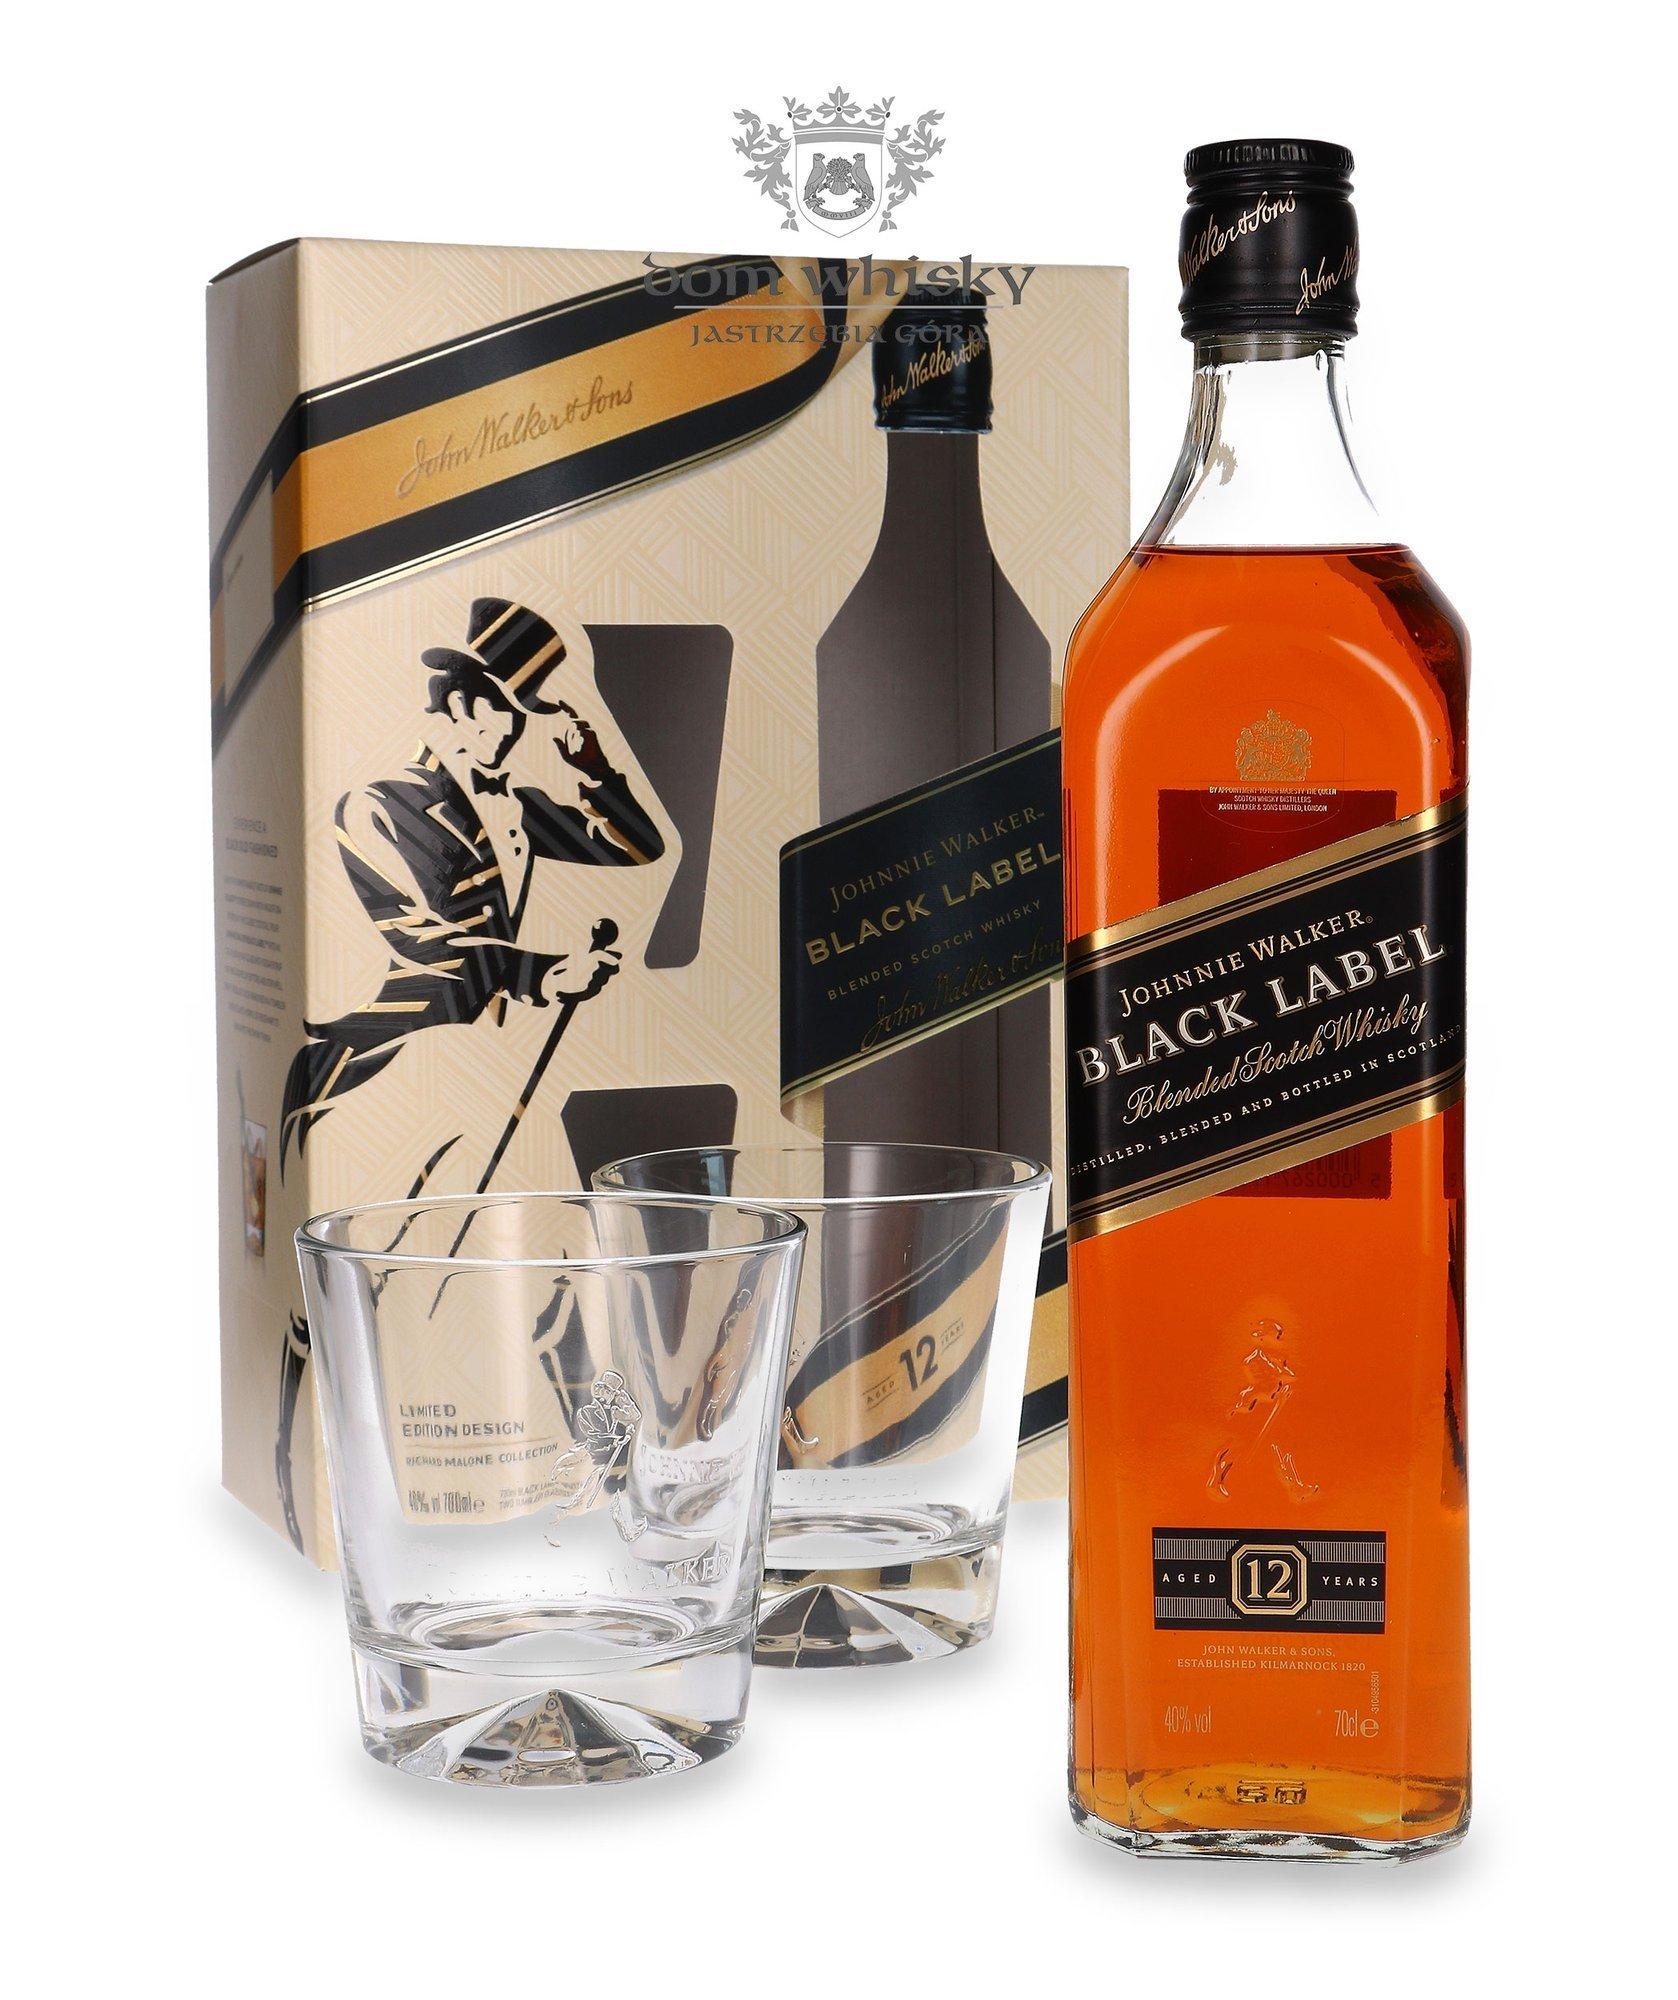 Whisky JW Black Label + 2 szklanki (84 zł), Tullamore DEW + 2 szklanki (62 zł), Teeling Whiskey Plantation Rum (140 zł) Auchan Kraków Bora